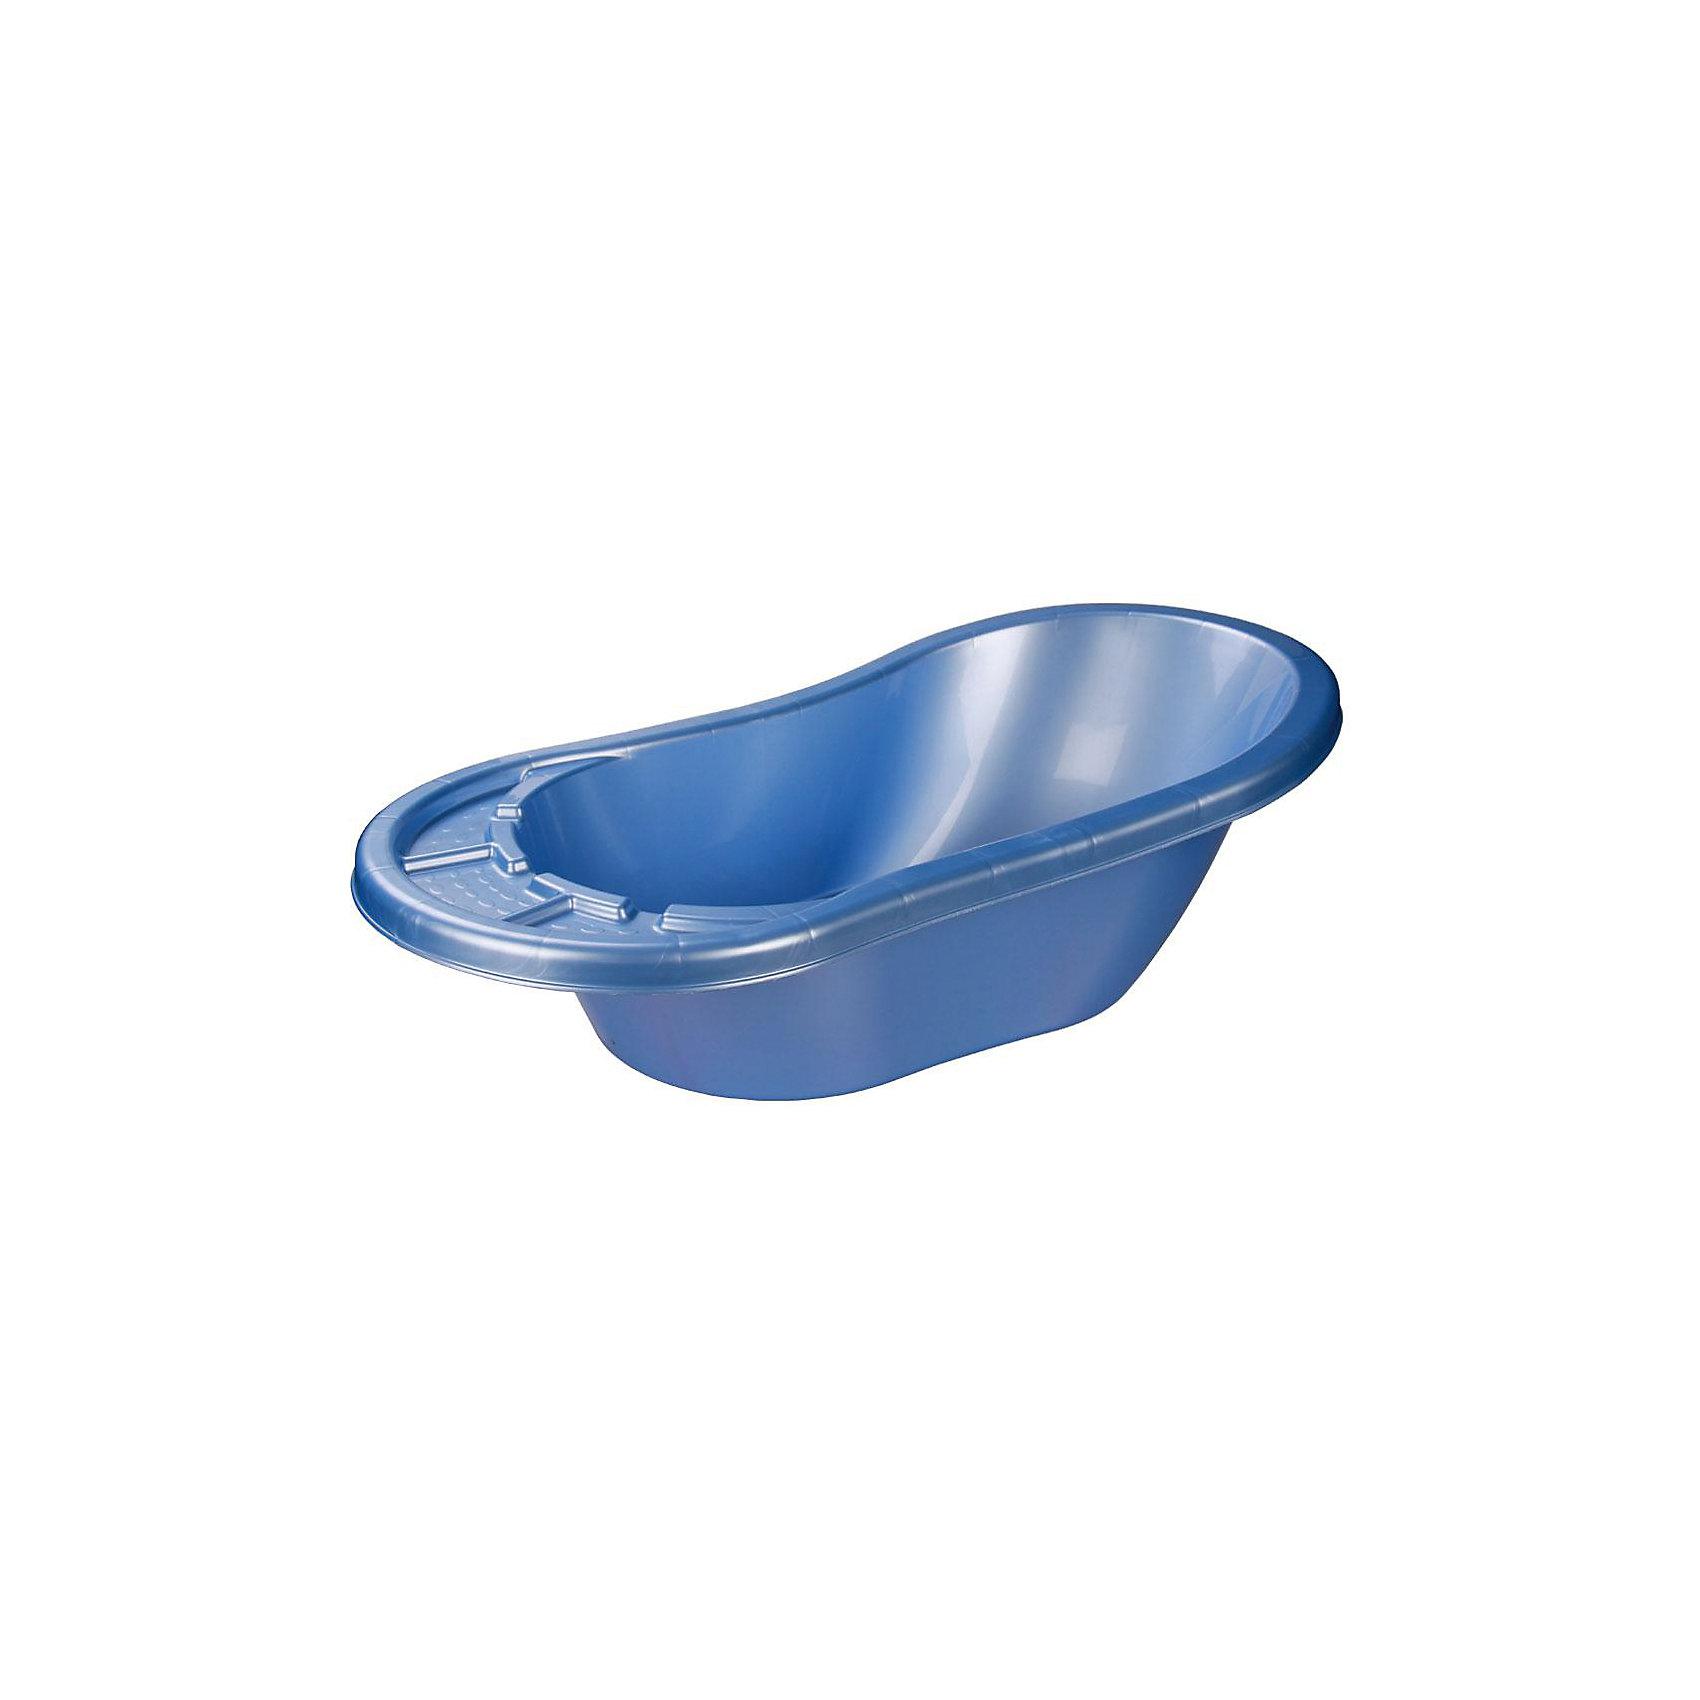 Ванночка Карапуз, Alternativa, голубойВанны, горки, сиденья<br>С самого рождения чистота и гигиена очень важны для здоровья ребёнка. Ванночка Карапуз, Alternativa, голубой отлично подойдет для ежедневных купаний. Ванночка изготовлена из прочного и безопасного для малыша пластика. Так же ванночка имеет удобную подставку для мыла или любых других предметов. <br><br>Дополнительная информация:<br>-Размер(ДхВхШ):88х46х34 см<br>-Цвет: голубой<br>-Марка: Alternativa<br><br>Ванночку Карапуз, Alternativa, голубой вы можете приобрести в нашем интернет-магазине.<br><br>Ширина мм: 880<br>Глубина мм: 450<br>Высота мм: 250<br>Вес г: 1035<br>Возраст от месяцев: -2147483648<br>Возраст до месяцев: 2147483647<br>Пол: Мужской<br>Возраст: Детский<br>SKU: 5096501